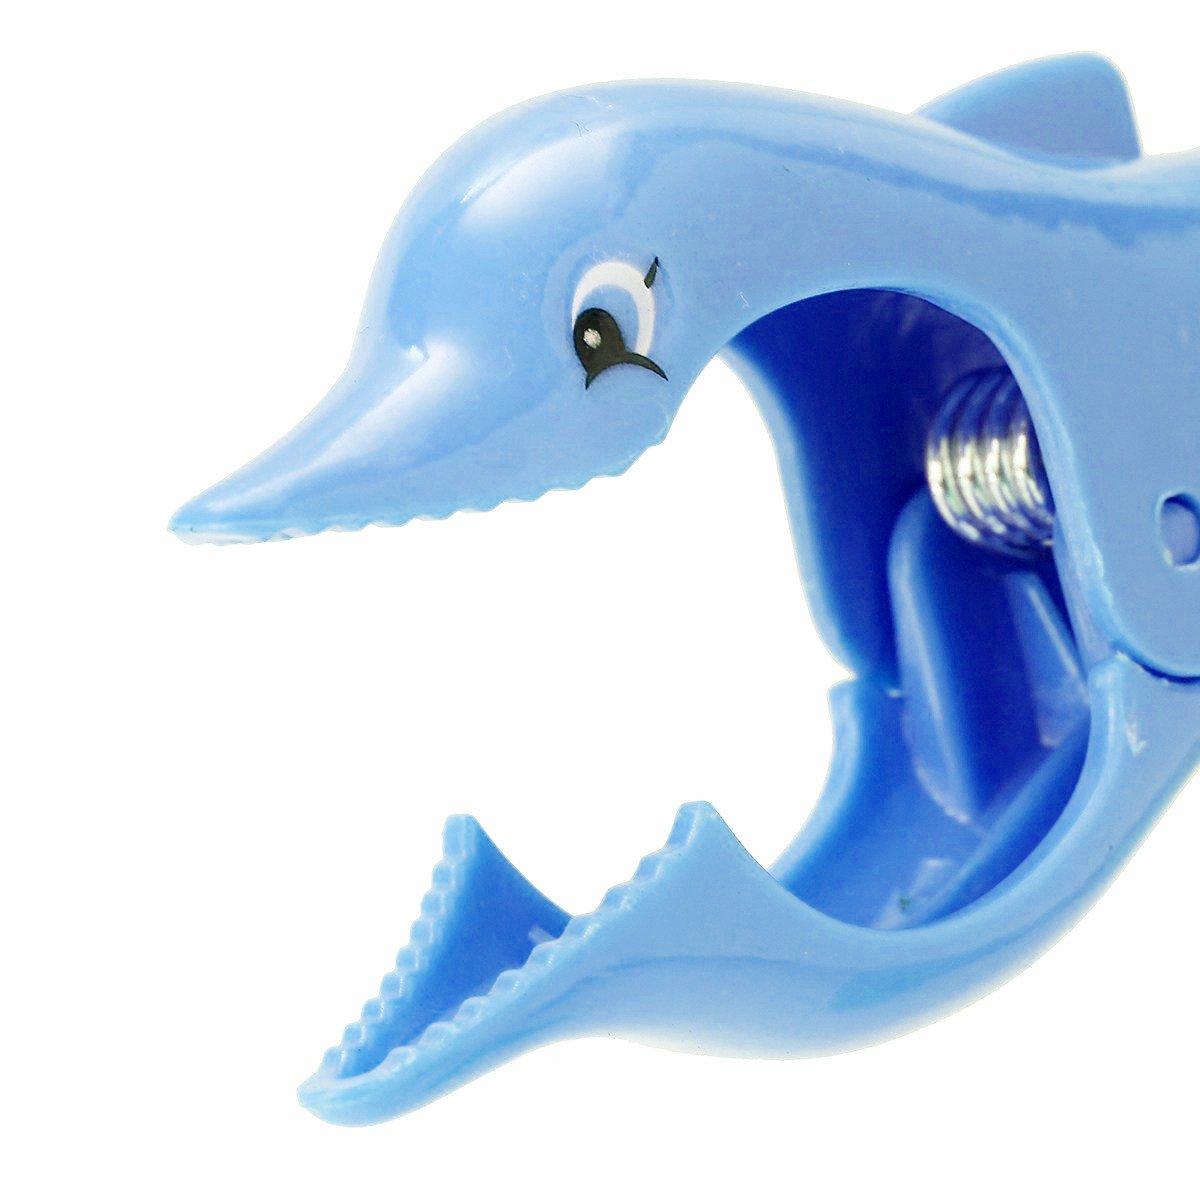 TRIXES Confezione da 2 mollette Blu in plastica a Forma di Delfino per Telo Mare Clip per Lettino da Spiaggia